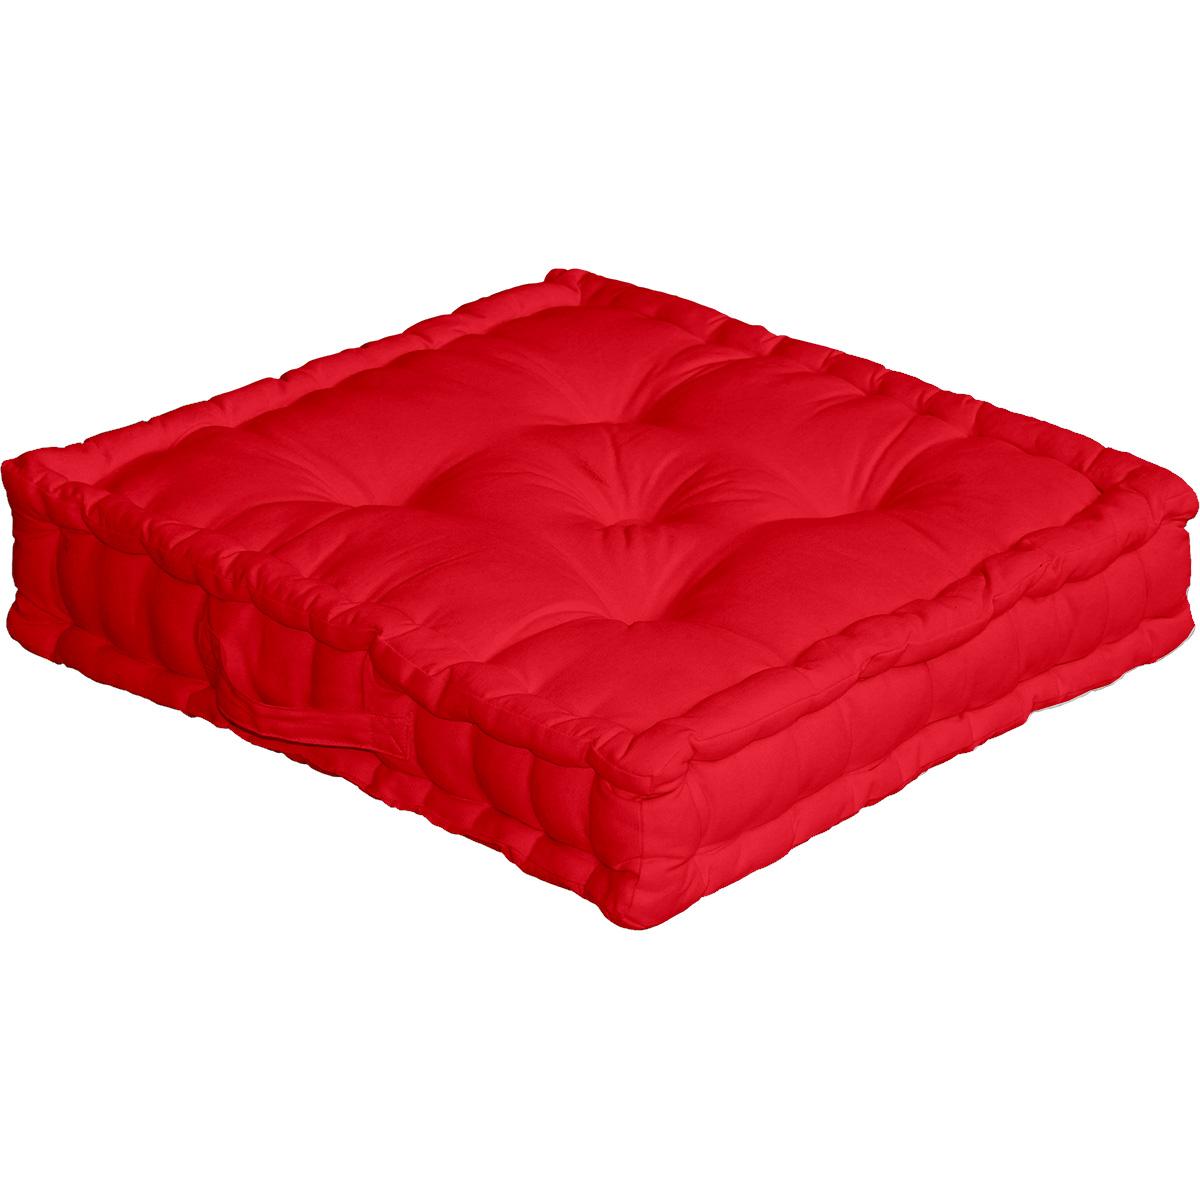 Coussin de sol uni en pur coton coton rouge 50x50